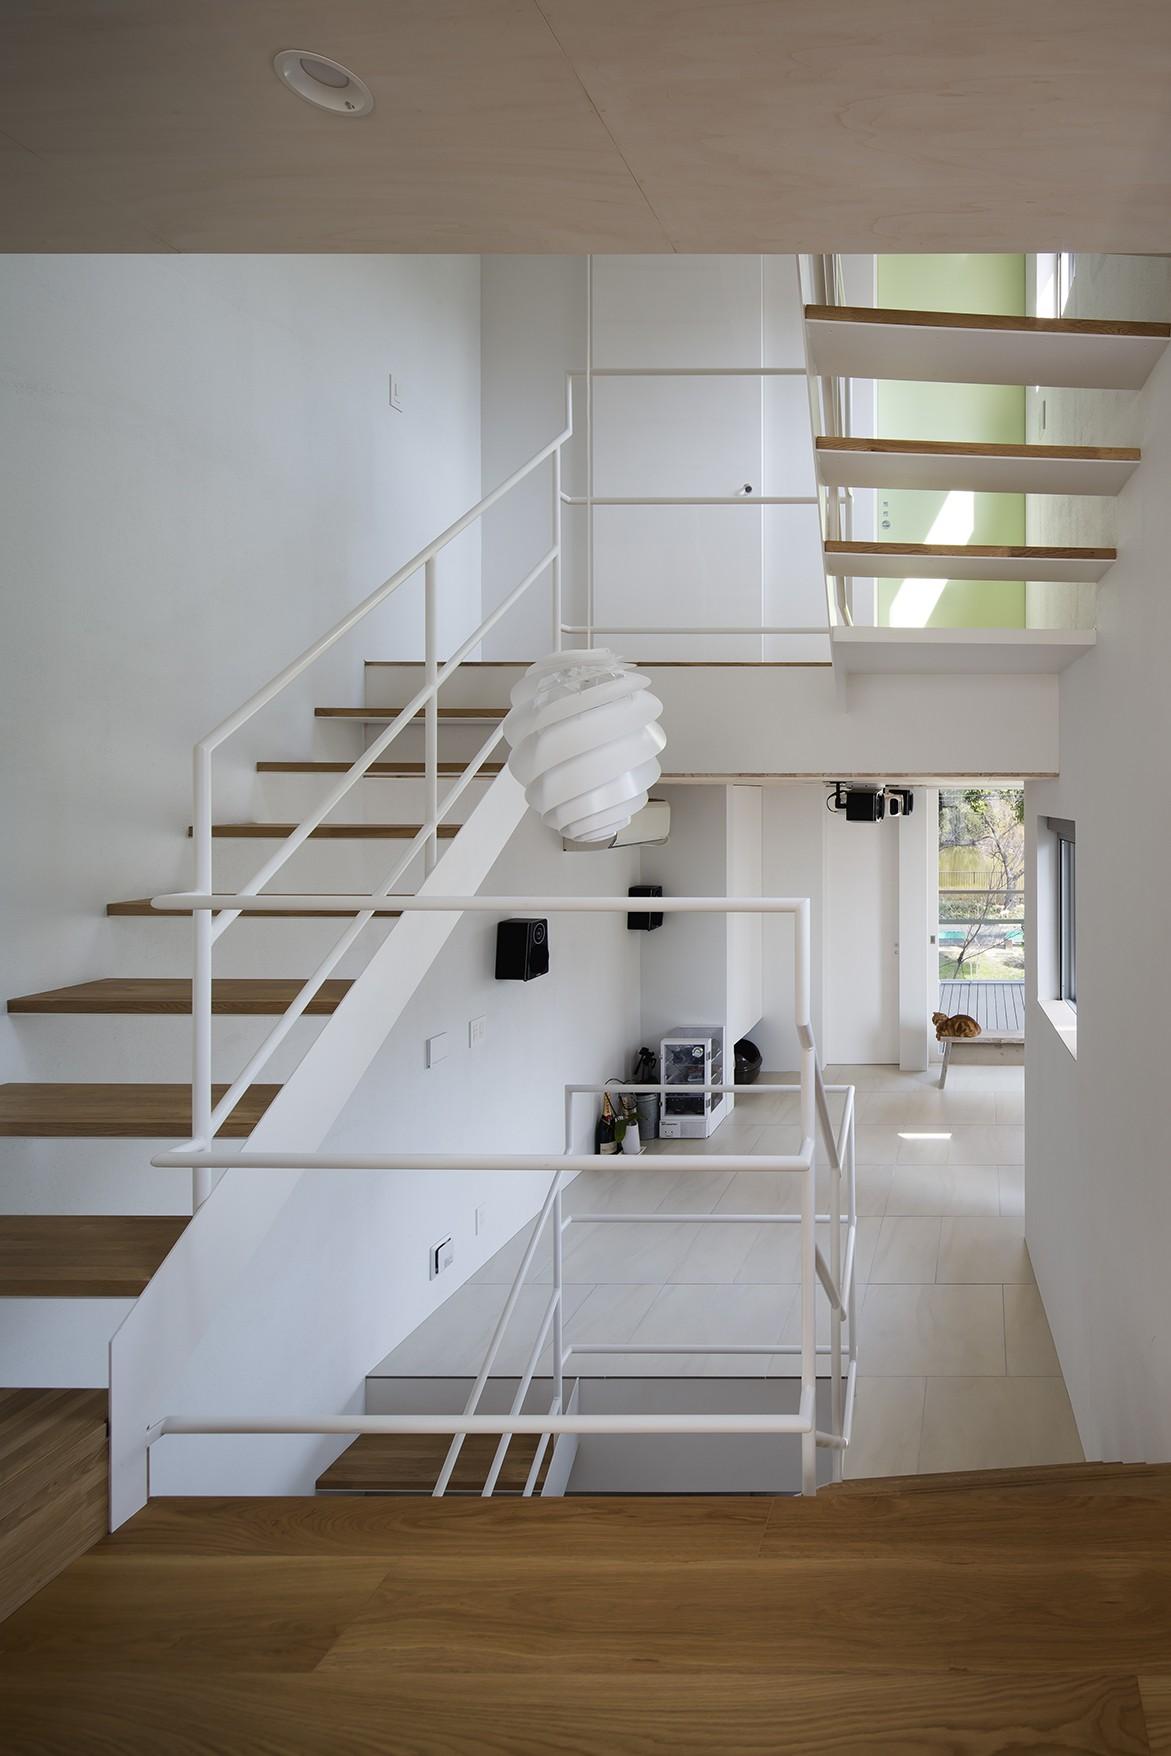 その他事例:吹抜階段(帝塚山の家)